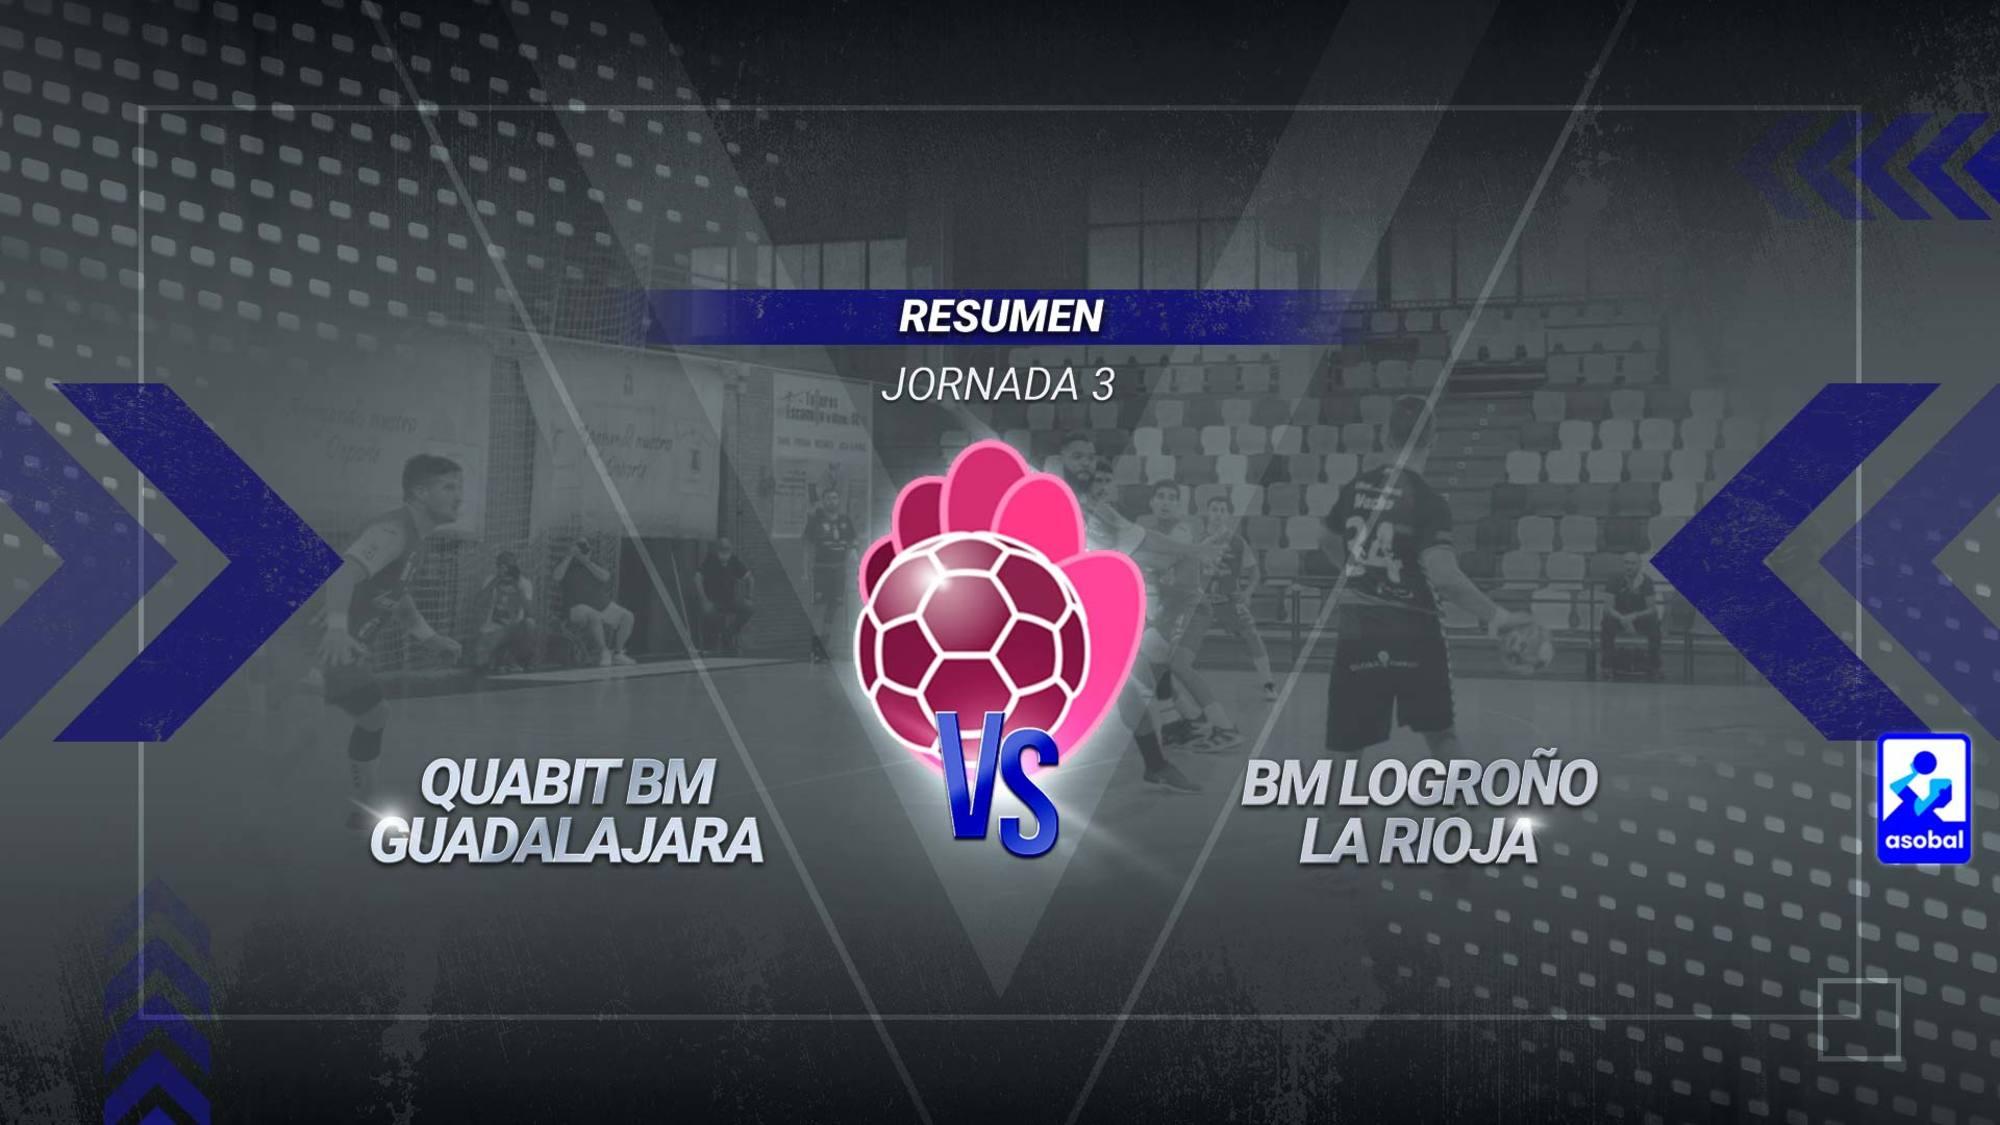 Contundente derrota del Quabit BM Guadalajara en un encuentro que se decidió en la segunda mitad. Los alcarreños llegaron al descanso con una renta desfavorable de dos goles, pero encajaron un demoledor parcial de 3-14 tras la reanudación que acabó con cualquier opción de puntuar. Alberto Díaz Hernández, con seis tantos, fue el máximo goleador de los de Mariano Ortega.